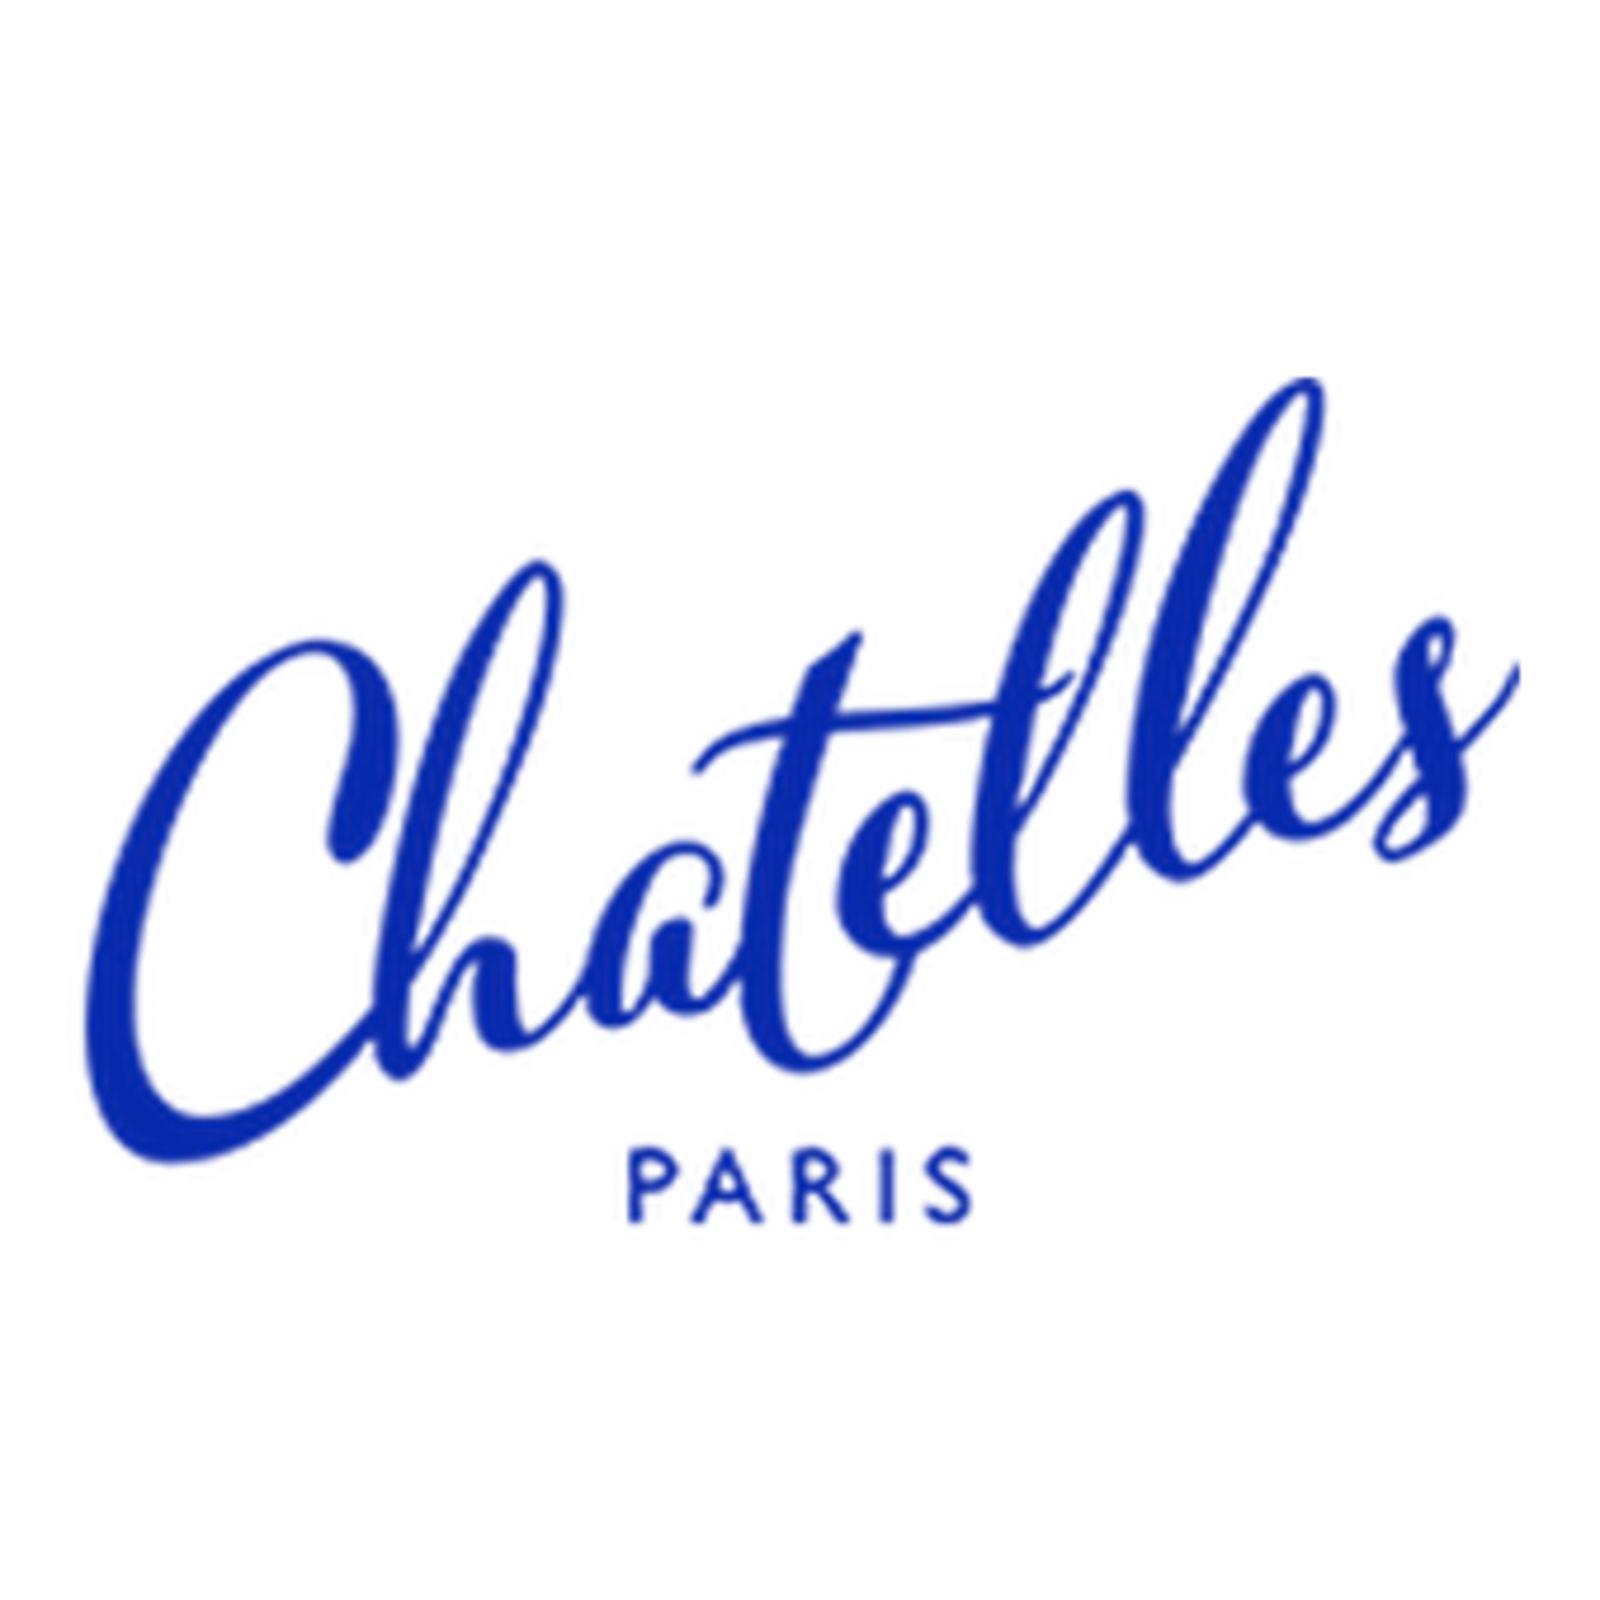 Chatelles Paris